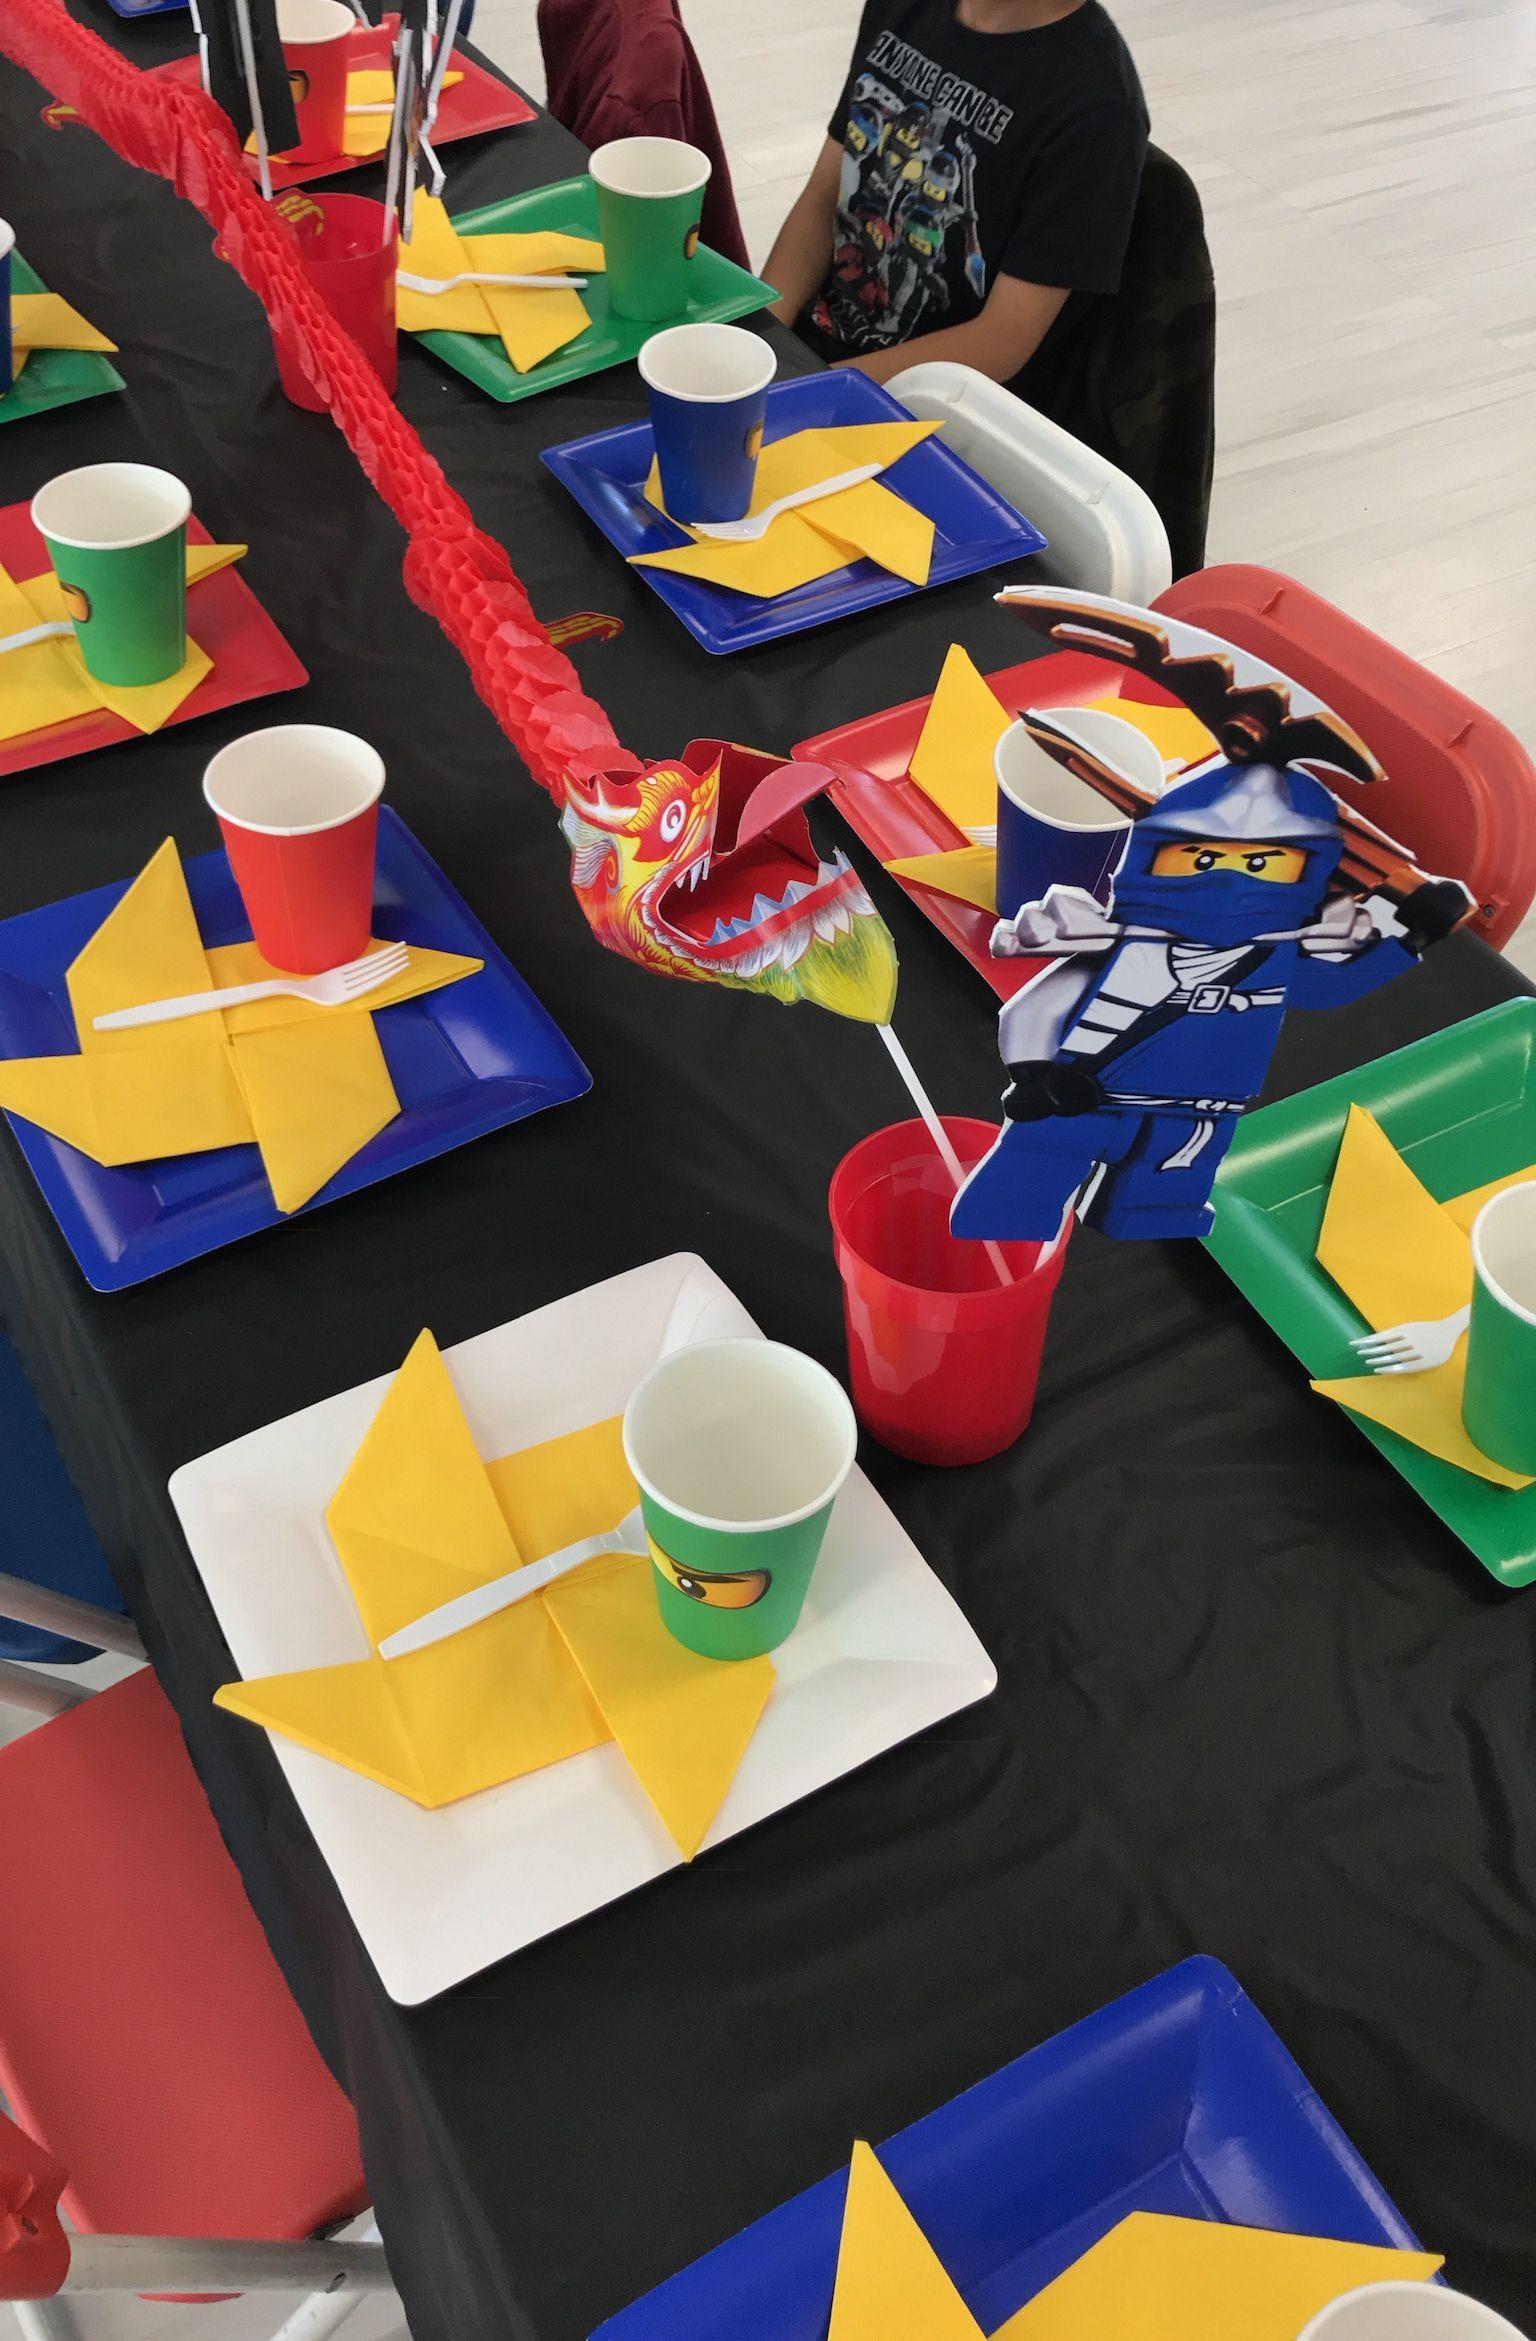 Lego Ninjago Party Ideas Ninja Party Theme Decorations Lego